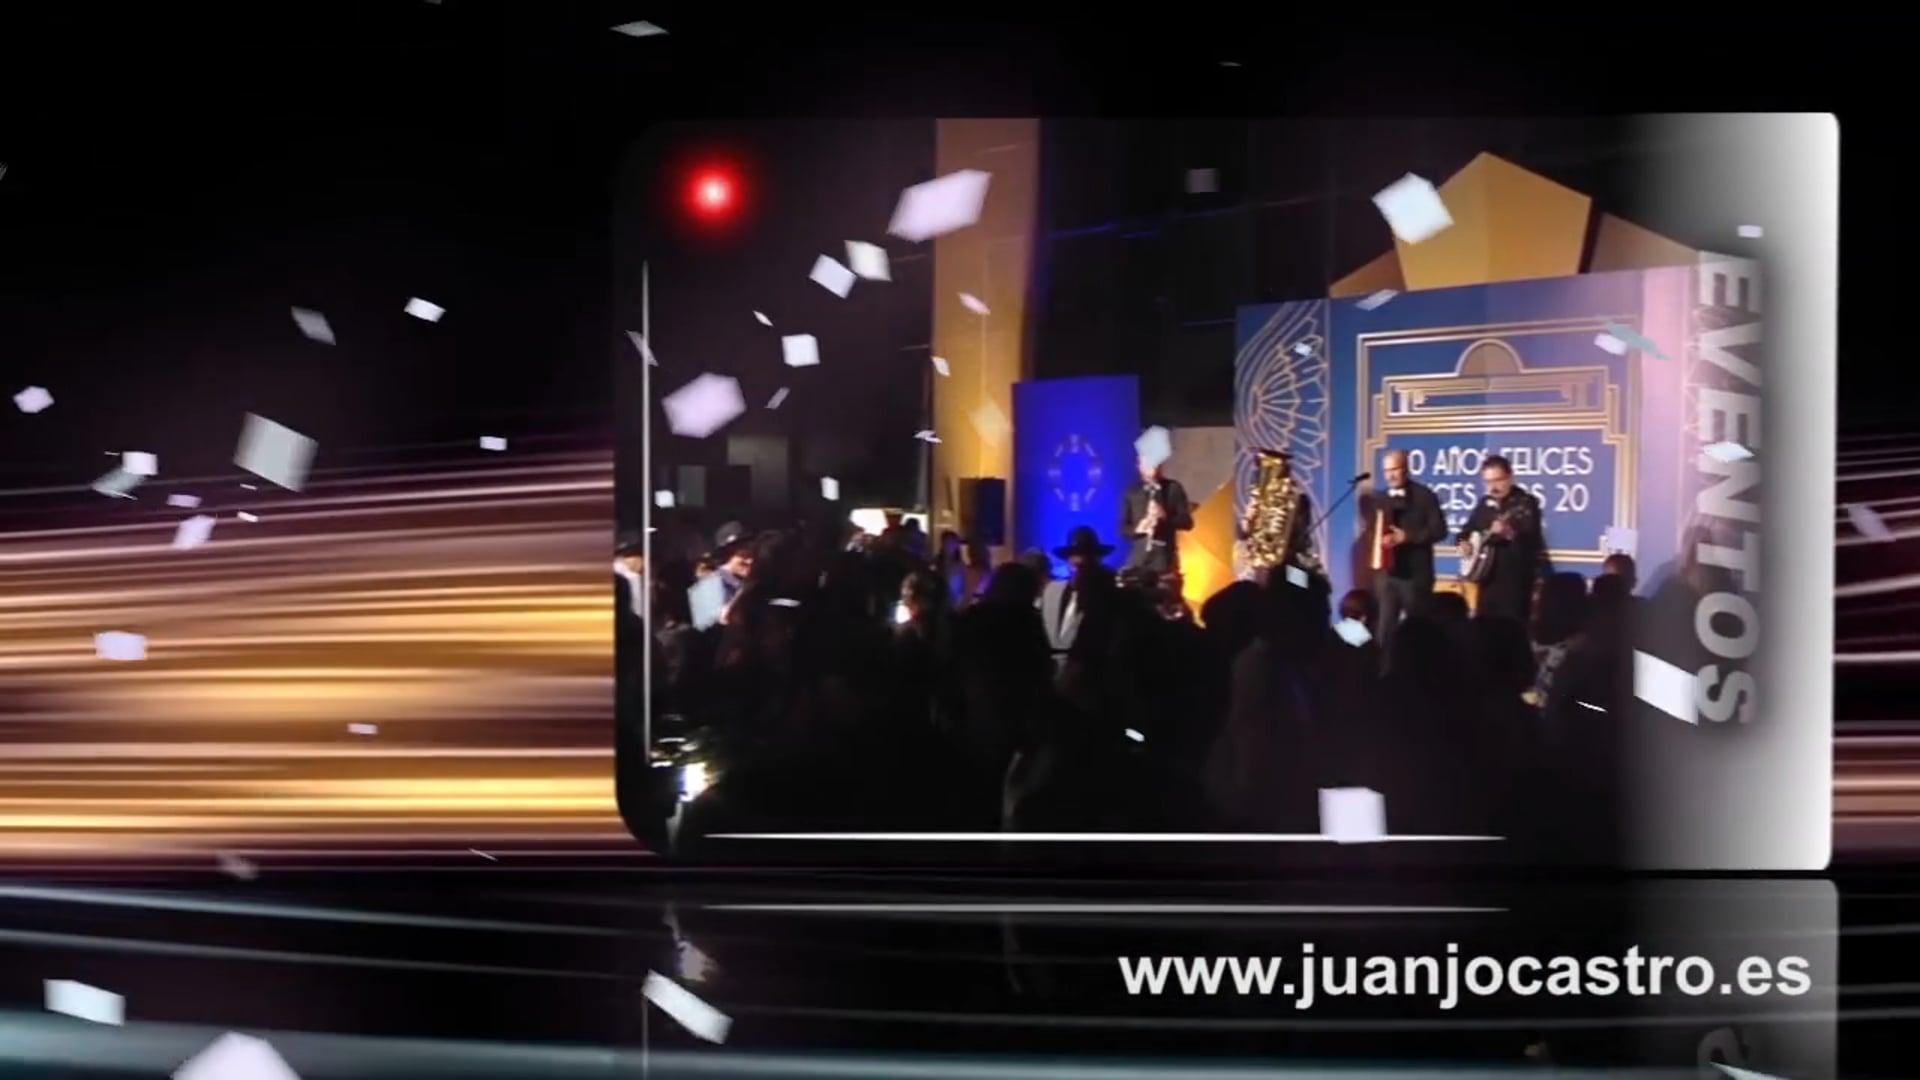 Promo Juanjo Castro Asesoría & Creatividad Audiovisual